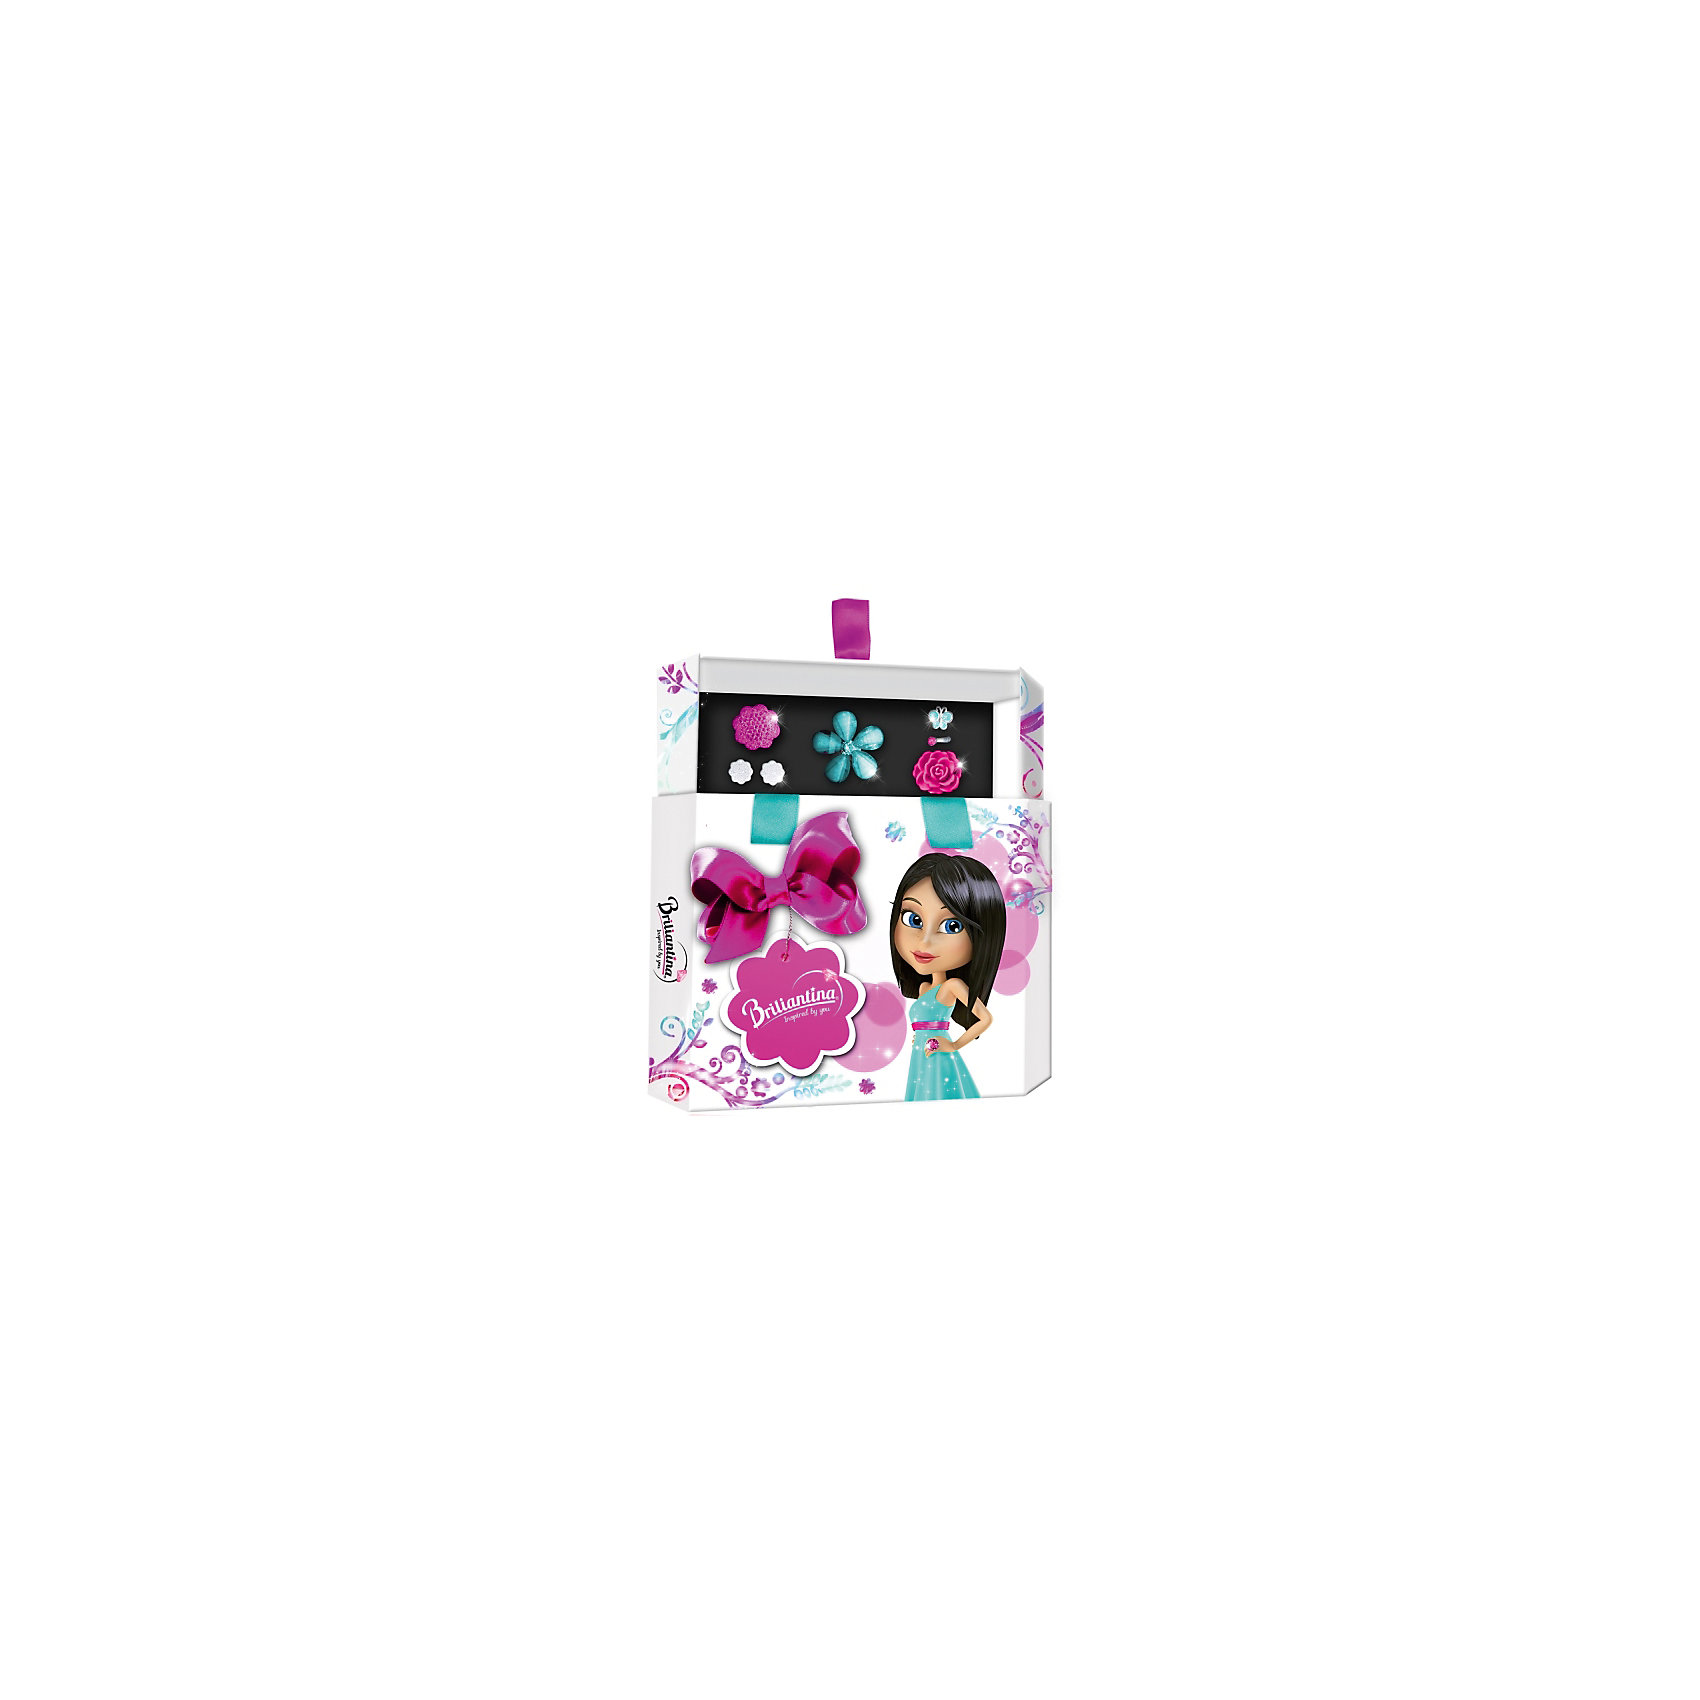 Шкатулка (цвет: весенний), BriliantinaРукоделие<br>Характеристики:<br><br>• Вид игрушек: детская бижутерия<br>• Пол: для девочки<br>• Серия: Hex Box<br>• Материал: металл, пластик<br>• Цвет: серебристый, розовый, бирюзовый<br>• Размер кольца: универсальный<br>• Комплектация: 2 кольца серии Uno, 2 кольца серии Excelent, серьги, футляр<br>• Размер упаковки(Д*Ш*В): 15,5*5,5*17 см<br>• Вес: 160 г<br>• Упаковка: футляр <br>• Допускается сухая и влажная чистка<br><br>Шкатулка (цвет: весенний), Briliantina из коллекции детской бижутерии, которая создается в рамках творческого проекта совместно с детьми. Торговый бренд принадлежит чешскому производителю Briliantina. Корпус украшений изготавливается из сплава хрома и никеля, который не вызывает аллергии, не окисляется, обладает легким весом, при этом достаточно прочный. В качестве декоративных элементов используются стразы, кристаллы, которые надежно закреплены в изделии. Диаметр колец от Briliantina регулируется. <br><br>Набор состоит из 4 колец и пары сережек, которые сочетаются между собой. Комплект упакован в футляр, в нем предусмотрены дополнительные отделения для других украшений. Использование детской бижутерии научит правильно подбирать украшения в зависимости от выбранного образа, сочетать их между собой, что будет способствовать формированию индивидуального стиля вашей девочки.<br><br>Шкатулка (цвет: весенний), Briliantina станет идеальным подарком для девочки к любому празднику.<br><br>Шкатулку (цвет: весенний), Briliantina можно купить в нашем интернет-магазине.<br><br>Ширина мм: 155<br>Глубина мм: 55<br>Высота мм: 170<br>Вес г: 160<br>Возраст от месяцев: 36<br>Возраст до месяцев: 84<br>Пол: Женский<br>Возраст: Детский<br>SKU: 5418932